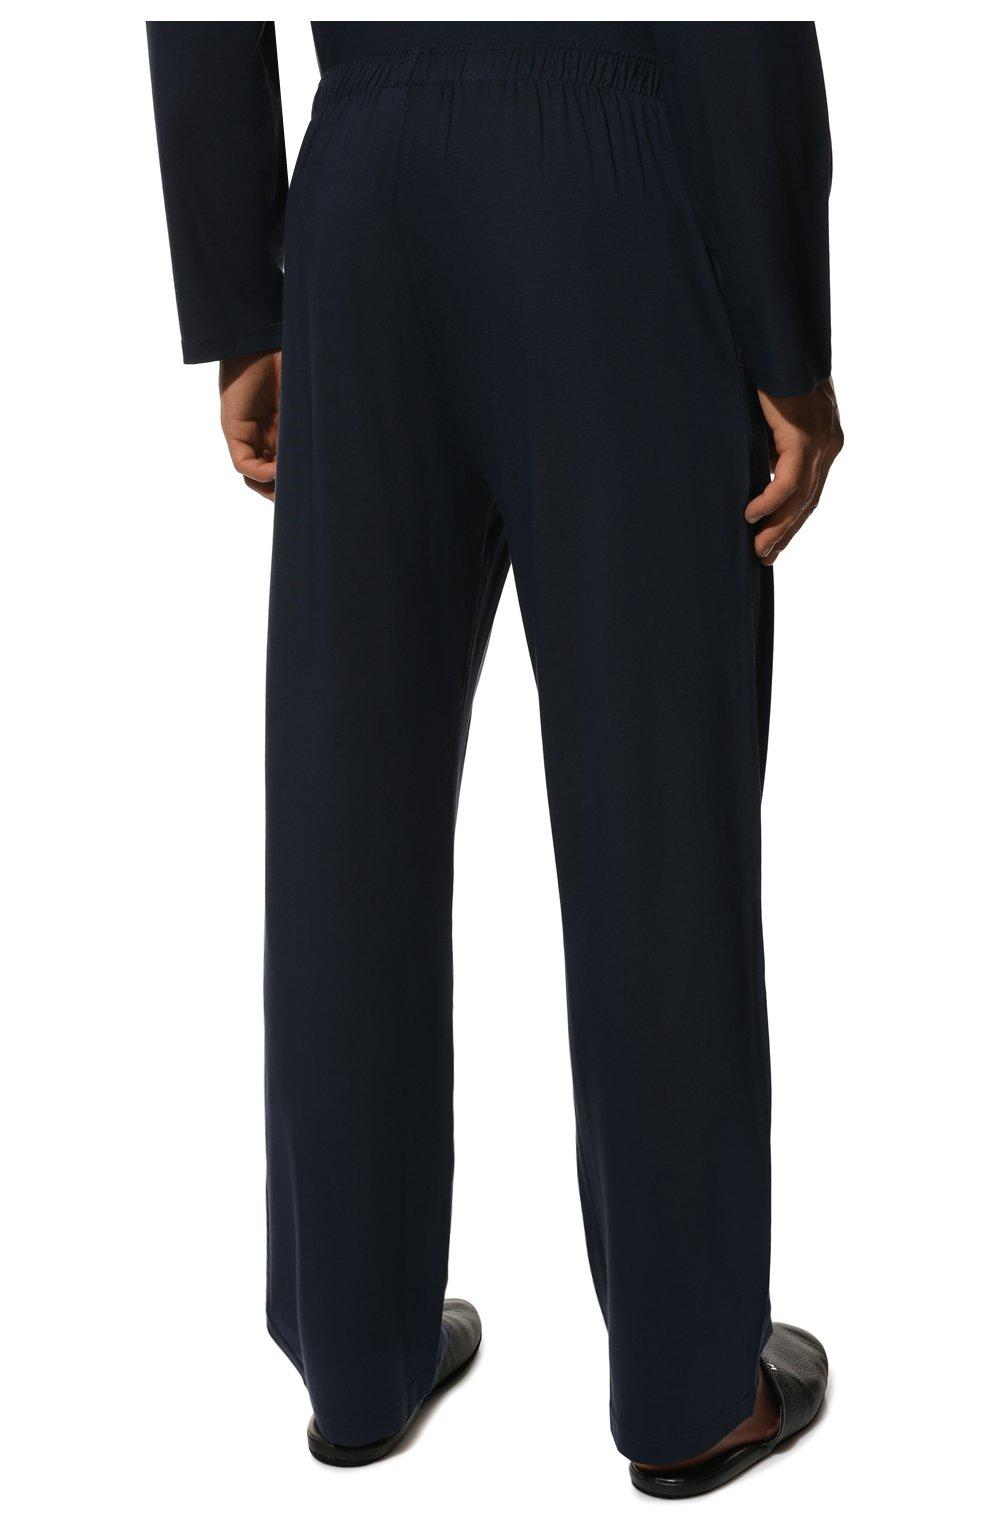 Мужская пижама DEREK ROSE темно-синего цвета, арт. 4070-BASE001   Фото 6 (Рукава: Длинные; Кросс-КТ: домашняя одежда; Материал внешний: Синтетический материал; Длина (для топов): Стандартные)